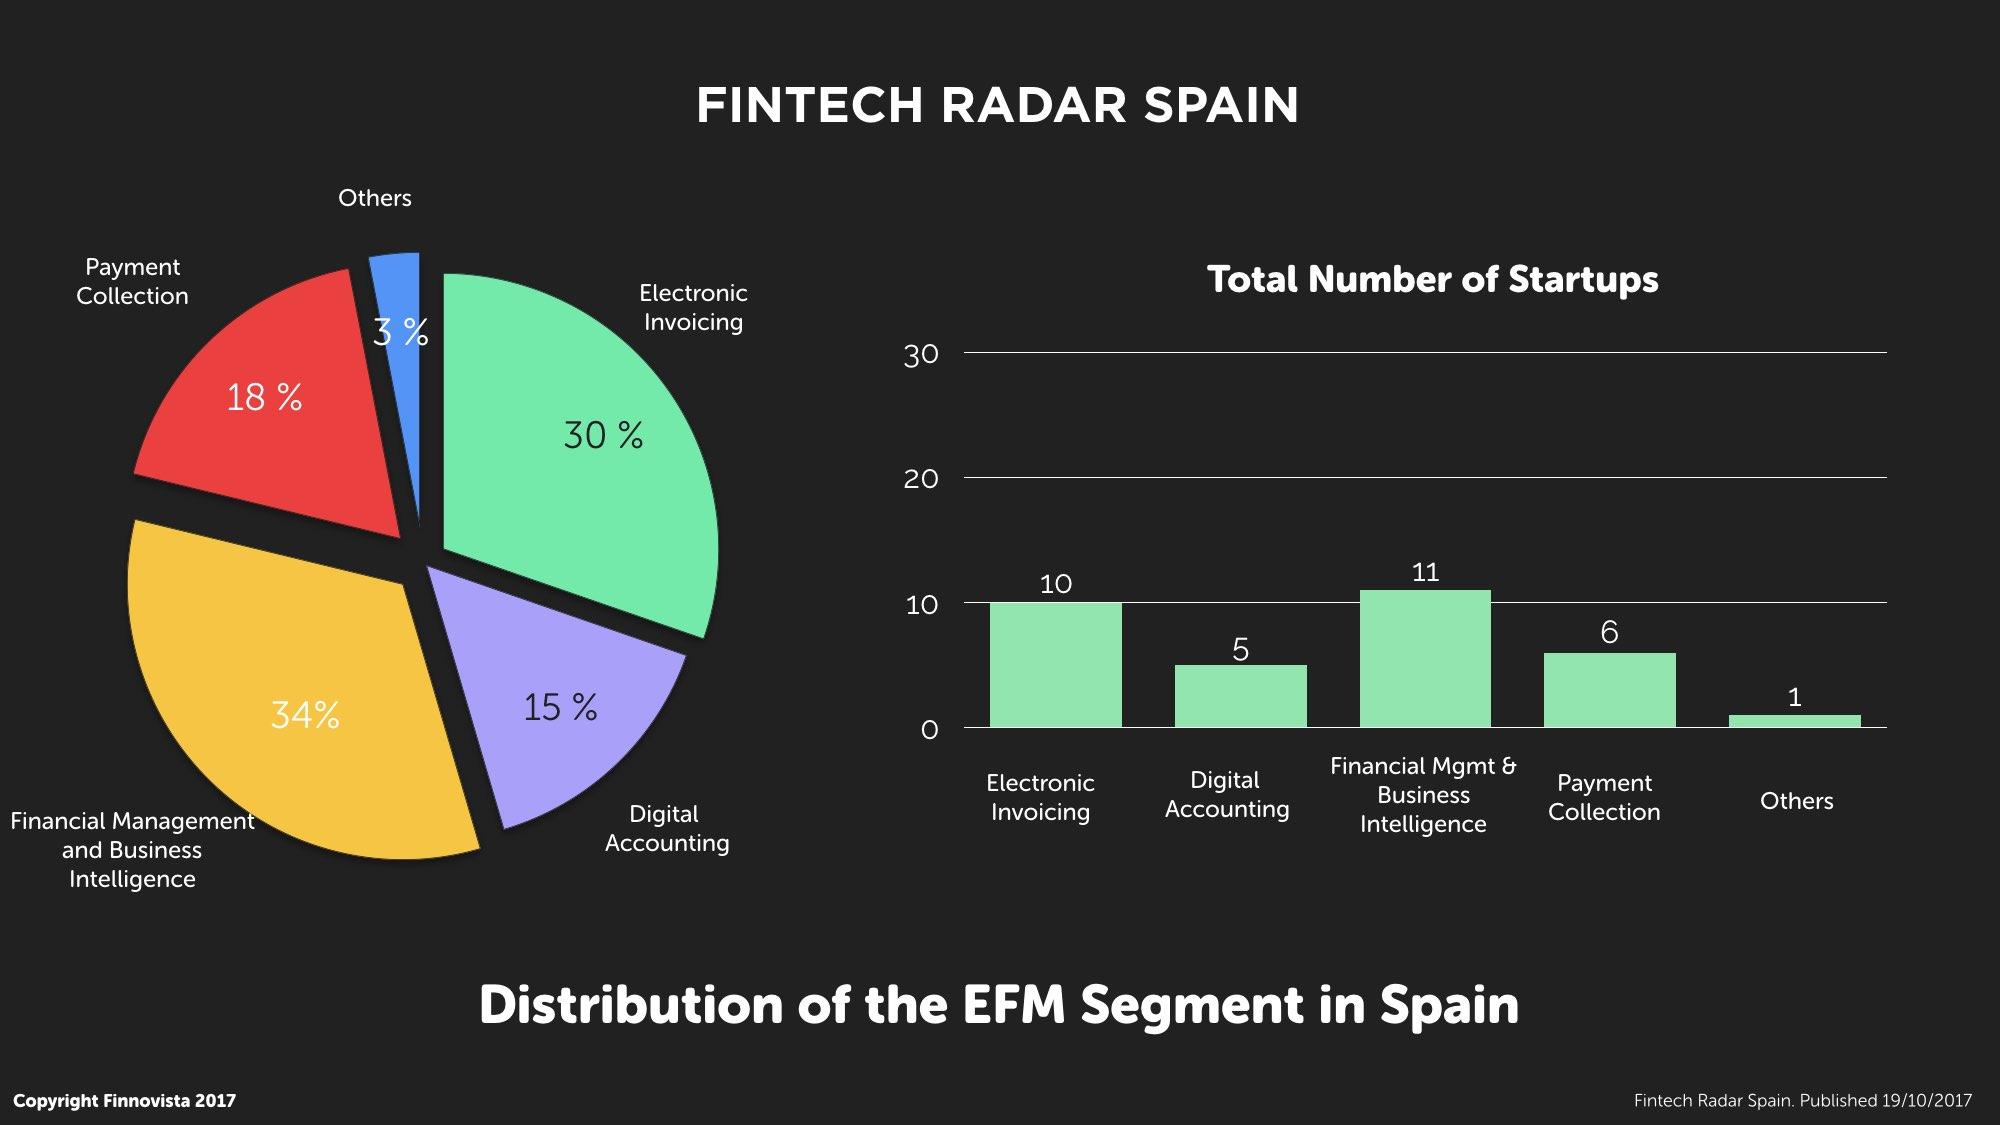 7-Fintech-Radar-Spain.005